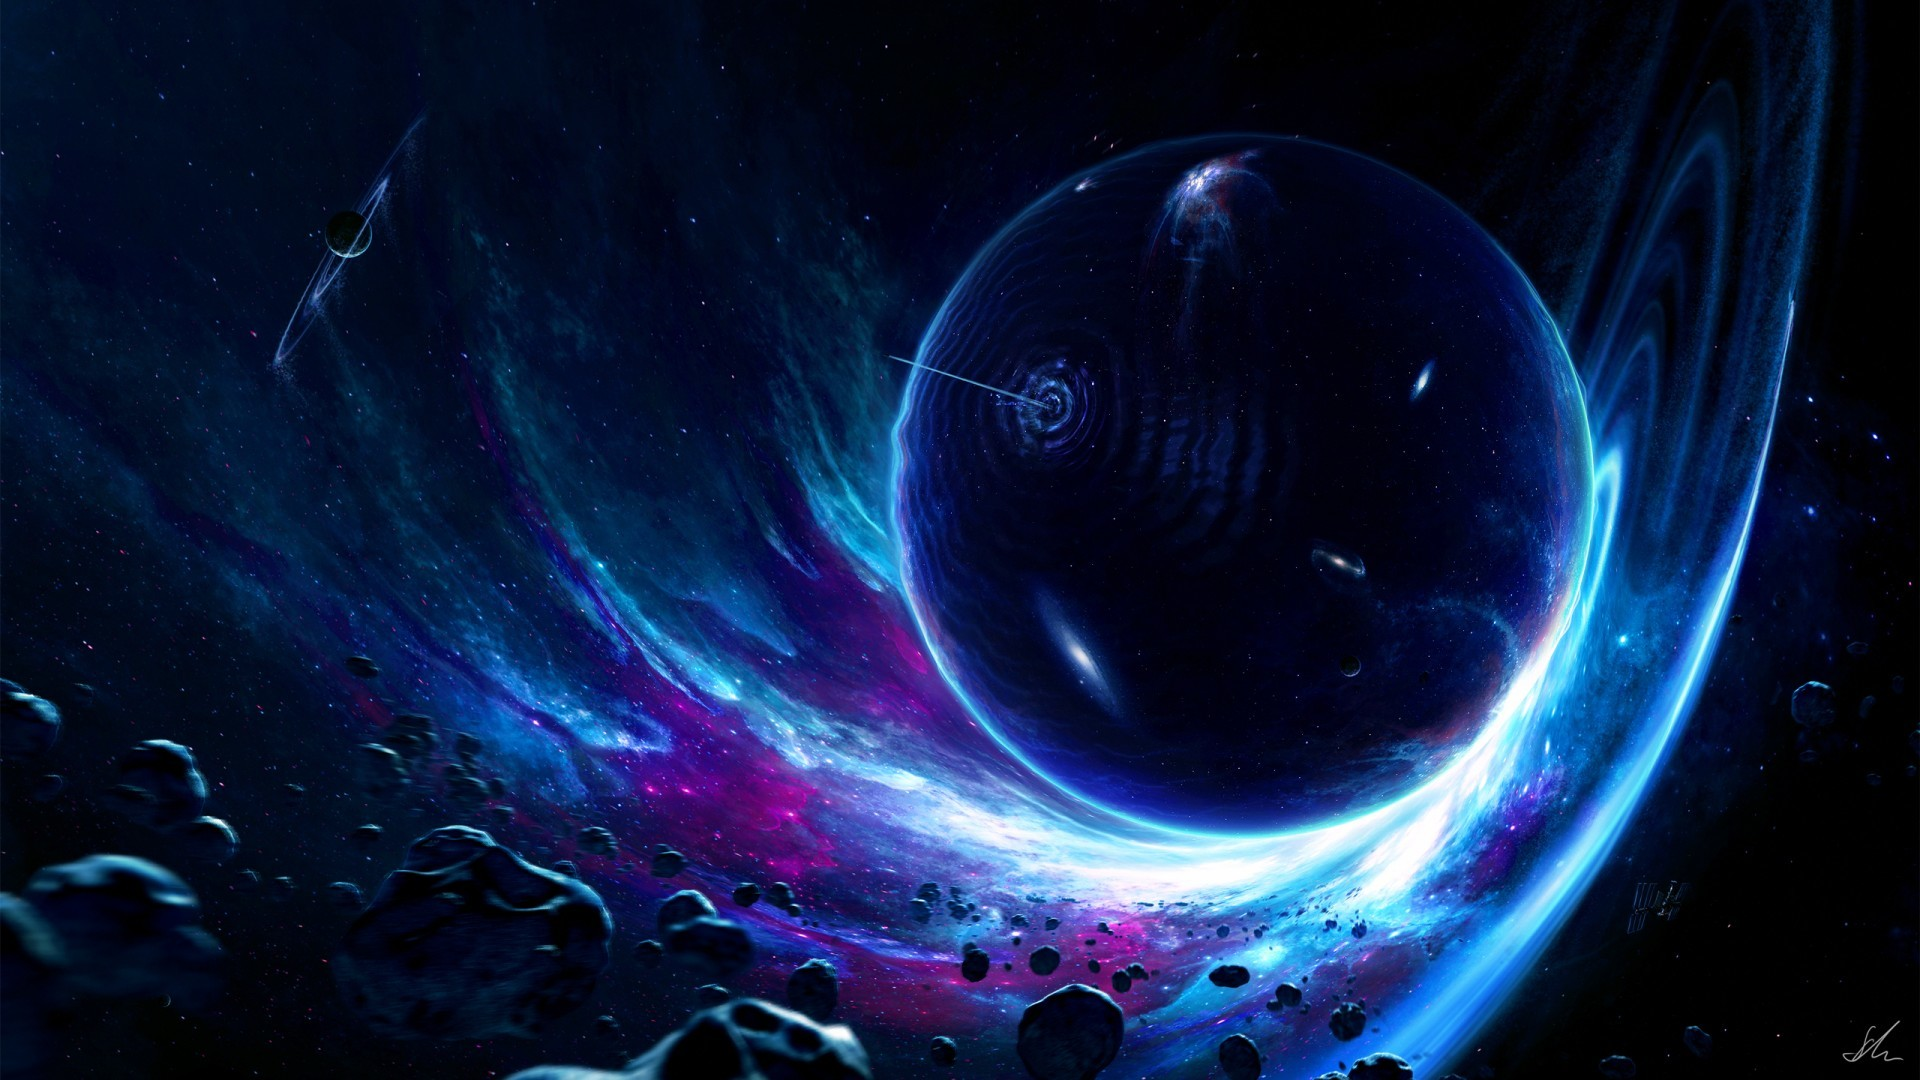 3D Universe Wallpaper (59+ images)